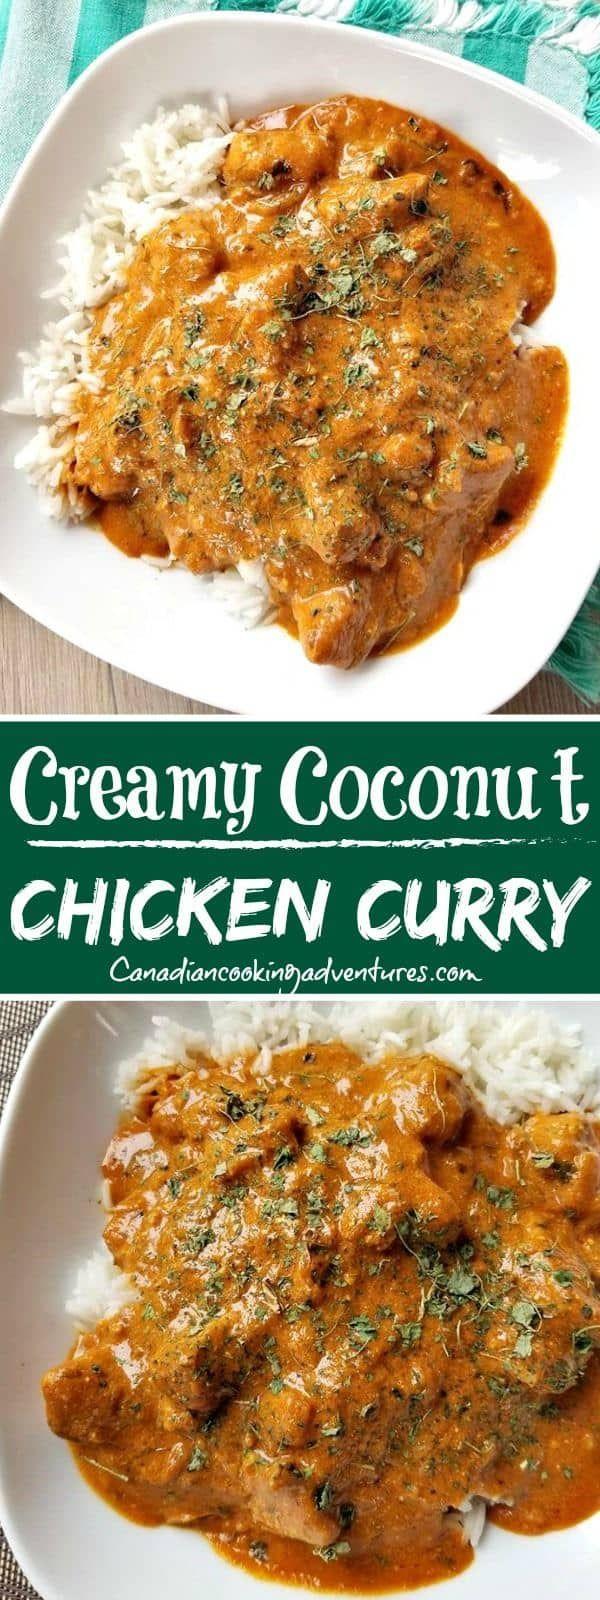 Creamy Coconut Chicken Curry -   13 healthy recipes Chicken curry ideas